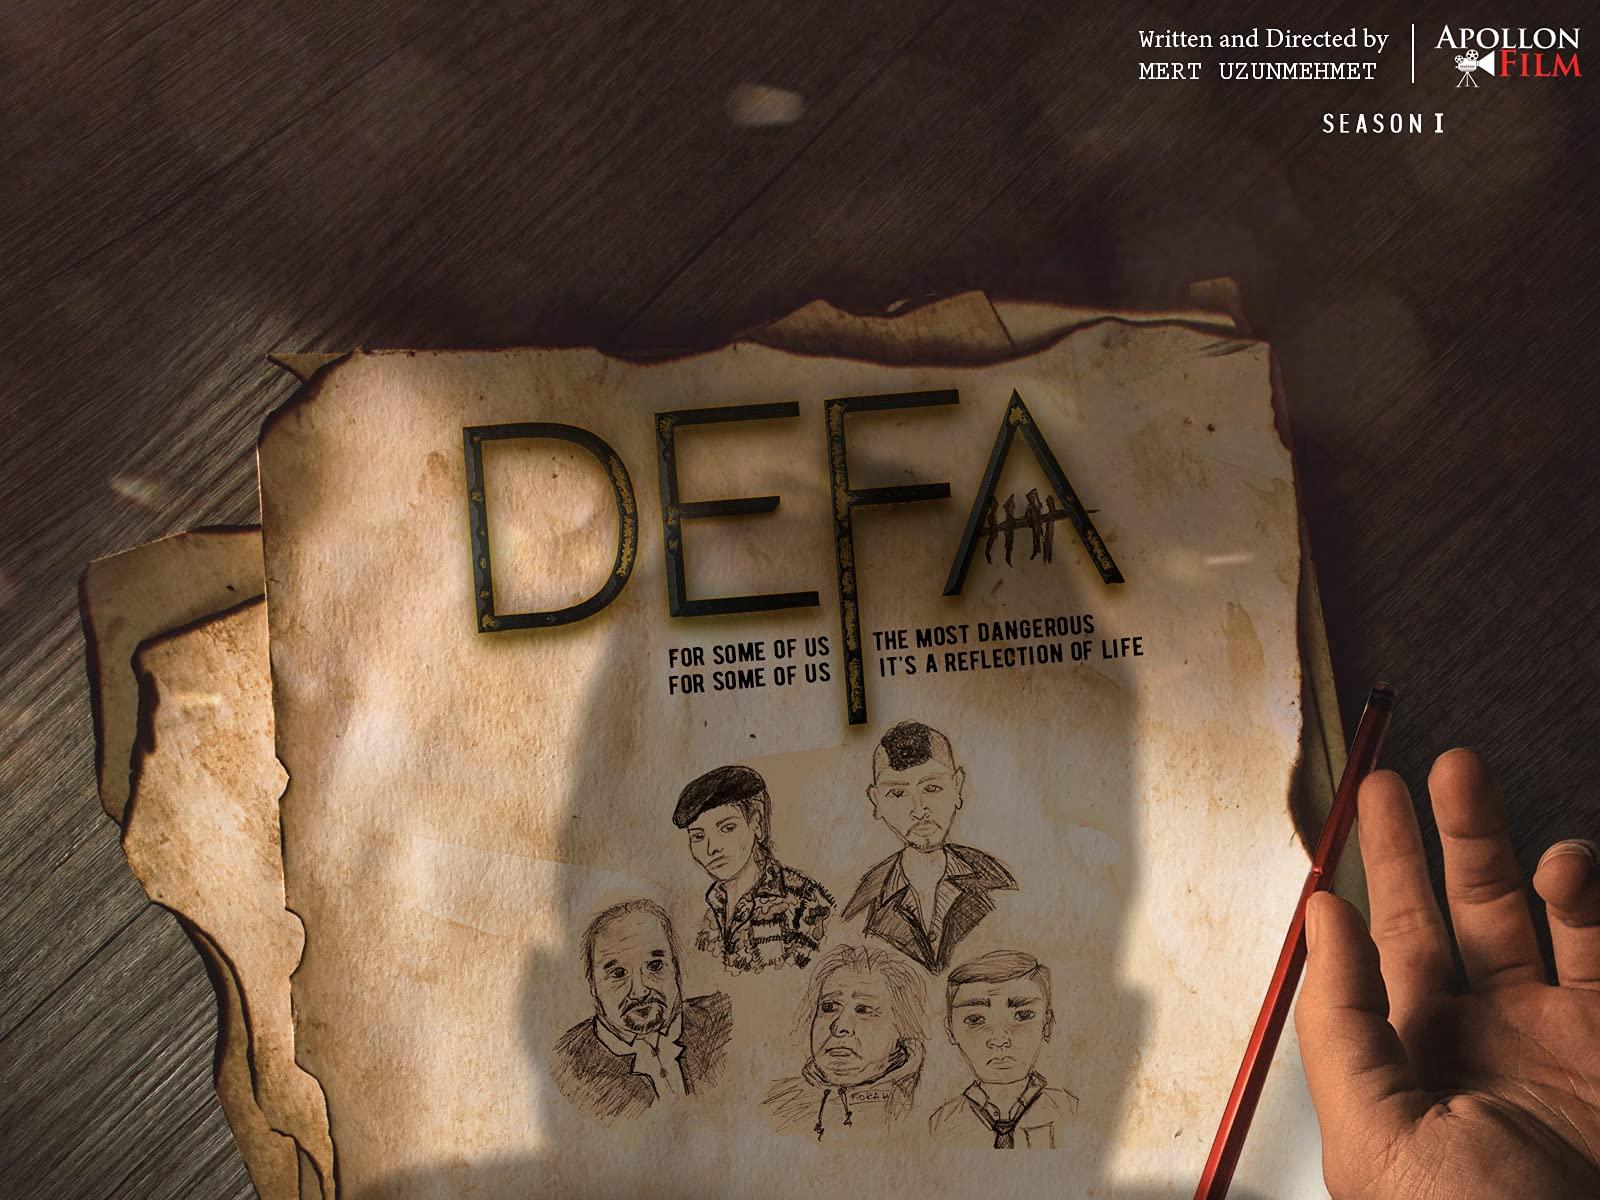 DEFA - Season 1